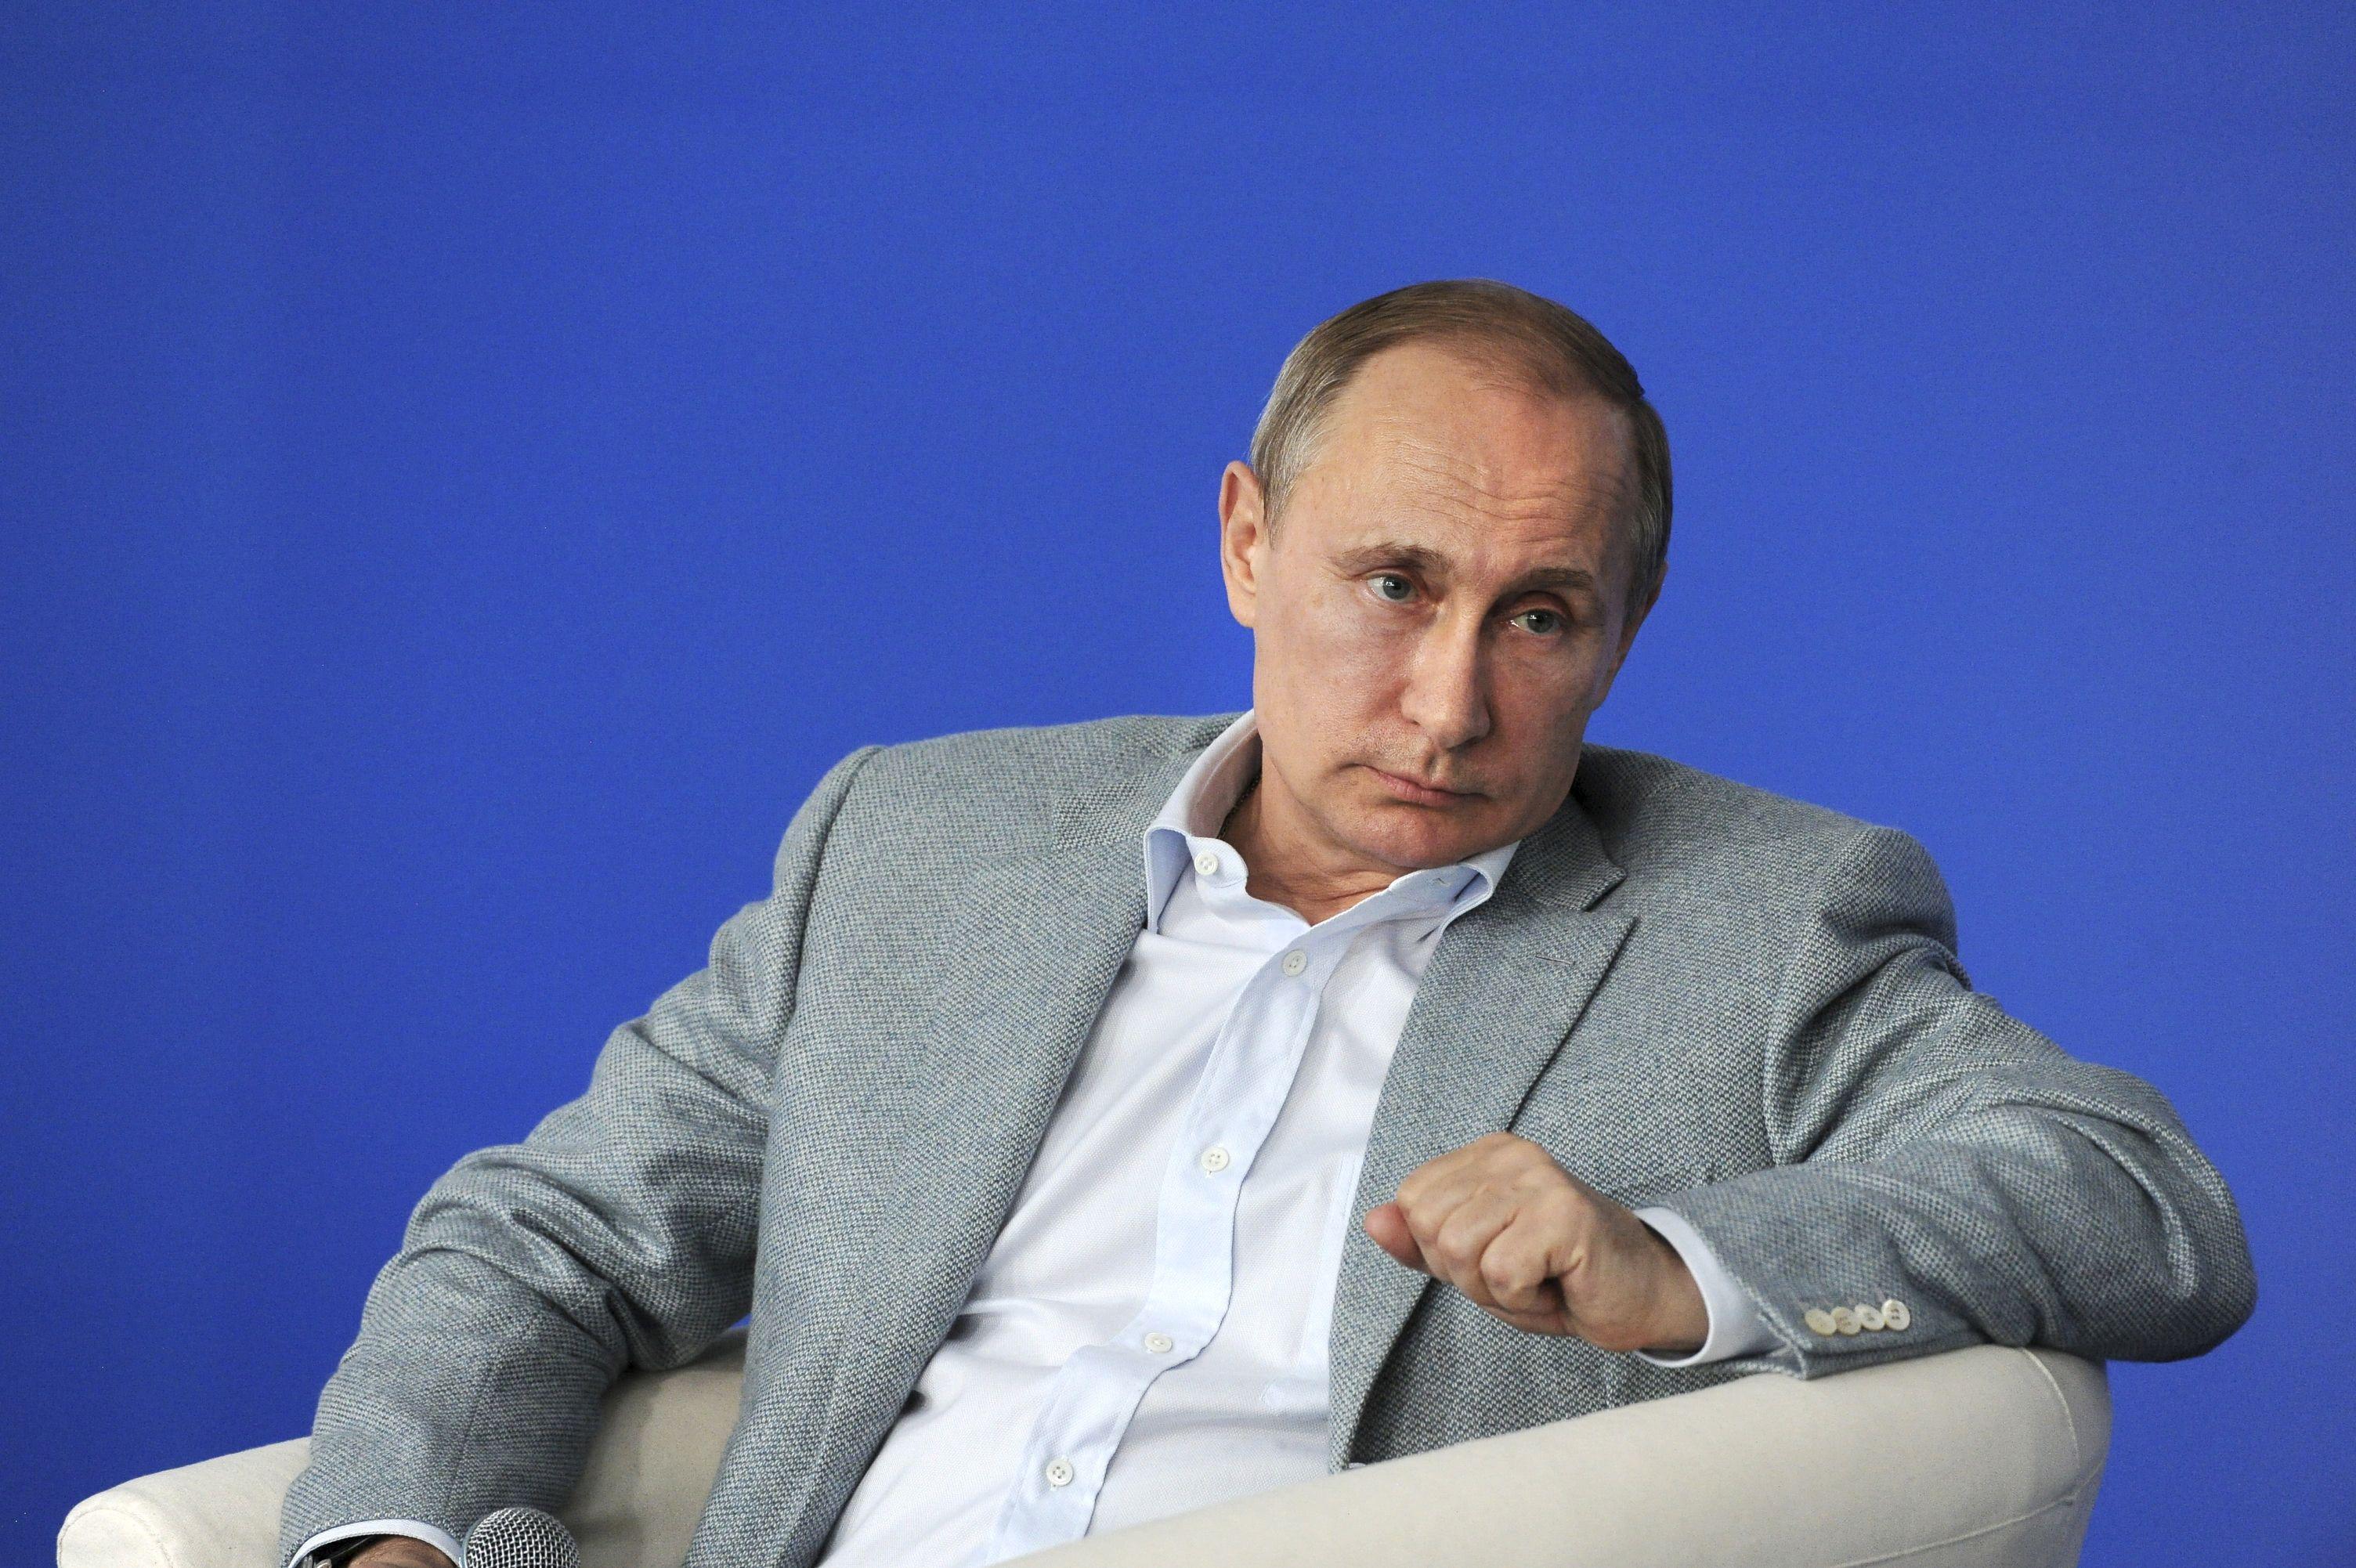 """Panama Papers : l'entourage de Poutine visé, le Kremlin balaye des """"spéculations"""""""